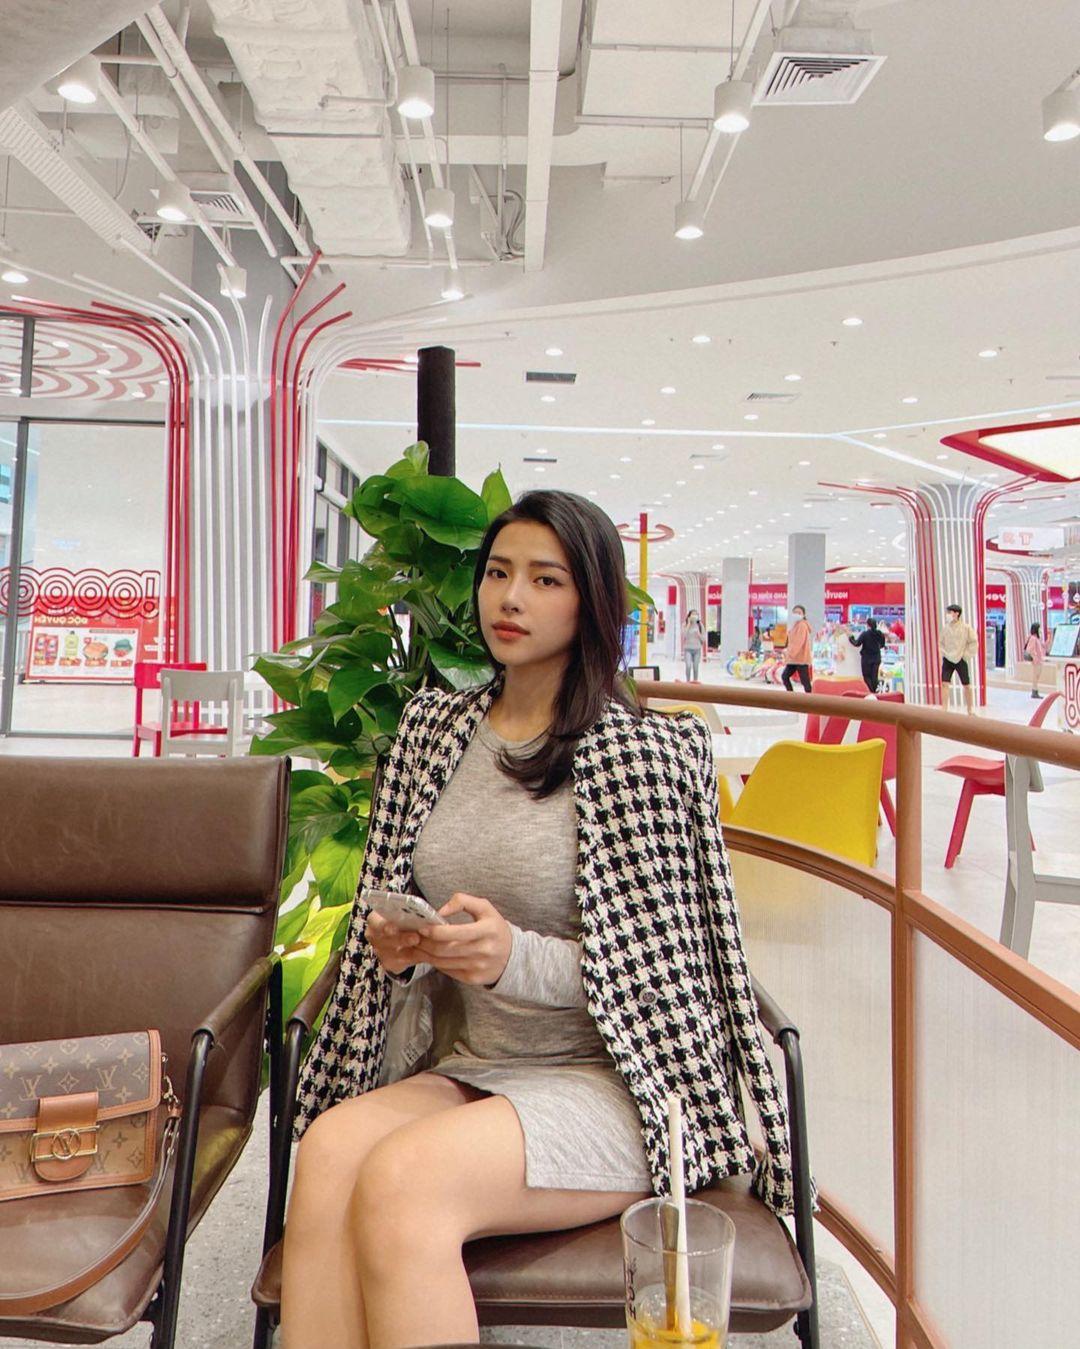 Lên cô dâu xinh đẹp xuất sắc, ngoài đời thường vợ của Phan Mạnh Quỳnh còn là quý cô hàng hiệu, mỗi ngày diện một chiếc túi xa xỉ đụng hàng cả dàn sao Vbiz - Ảnh 7.